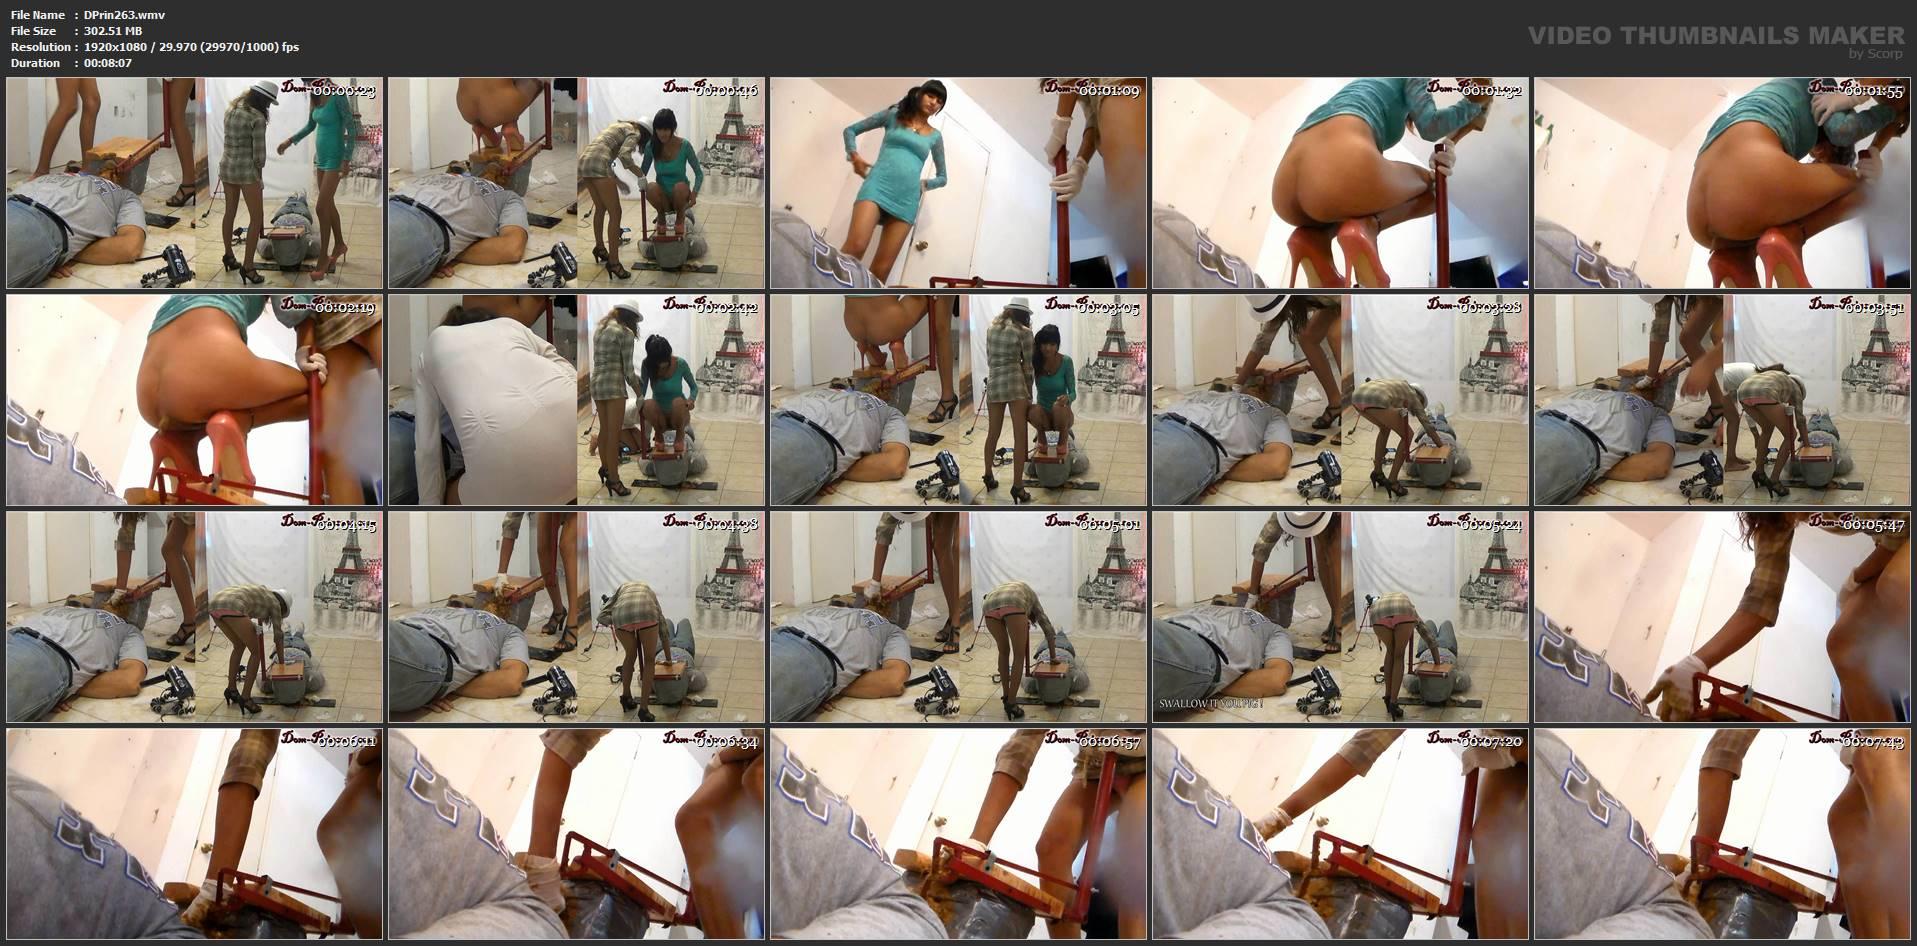 [DOM-PRINCESS] Toilet Slave Enforcement Kit Part 4 Carmen [FULL HD][1080p][WMV]